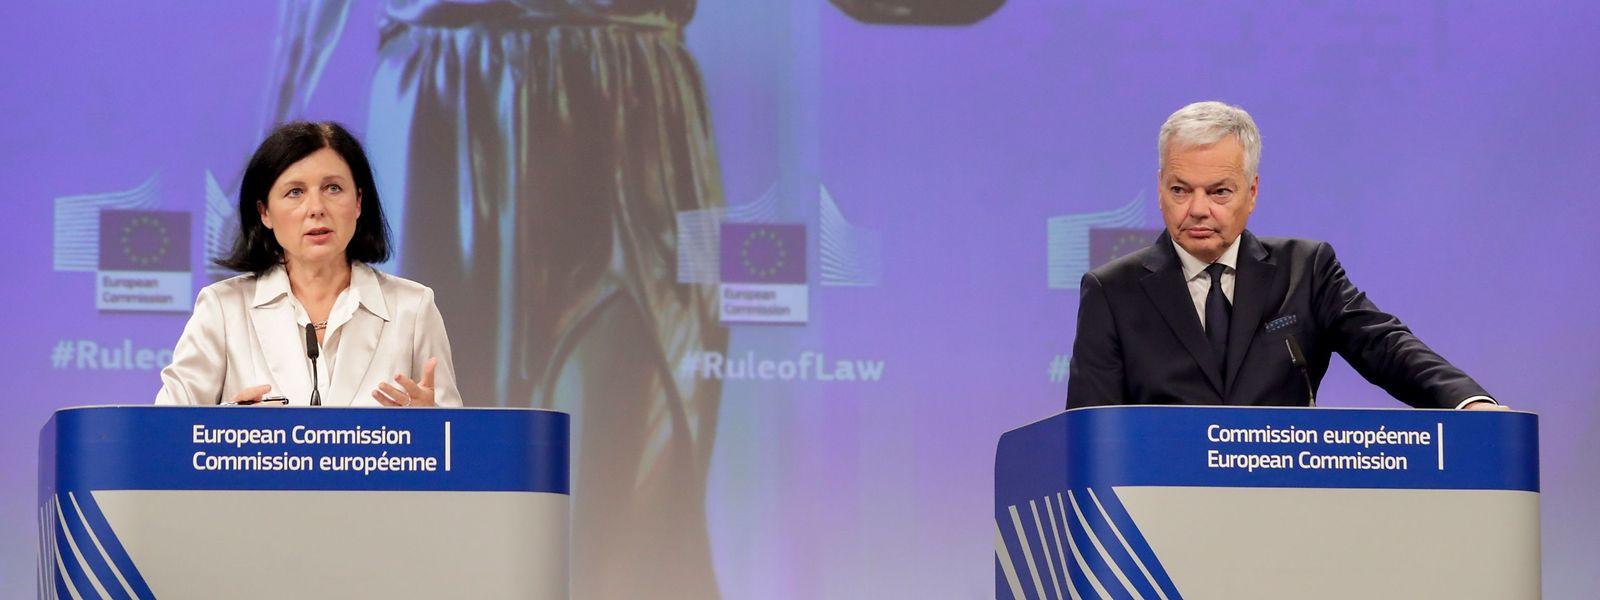 Die EU-Kommissare Vera Jourova und Didier Reynders sehen bei mehreren Mitgliedsstaaten Probleme mit der Rechtsstaatlichkeit.